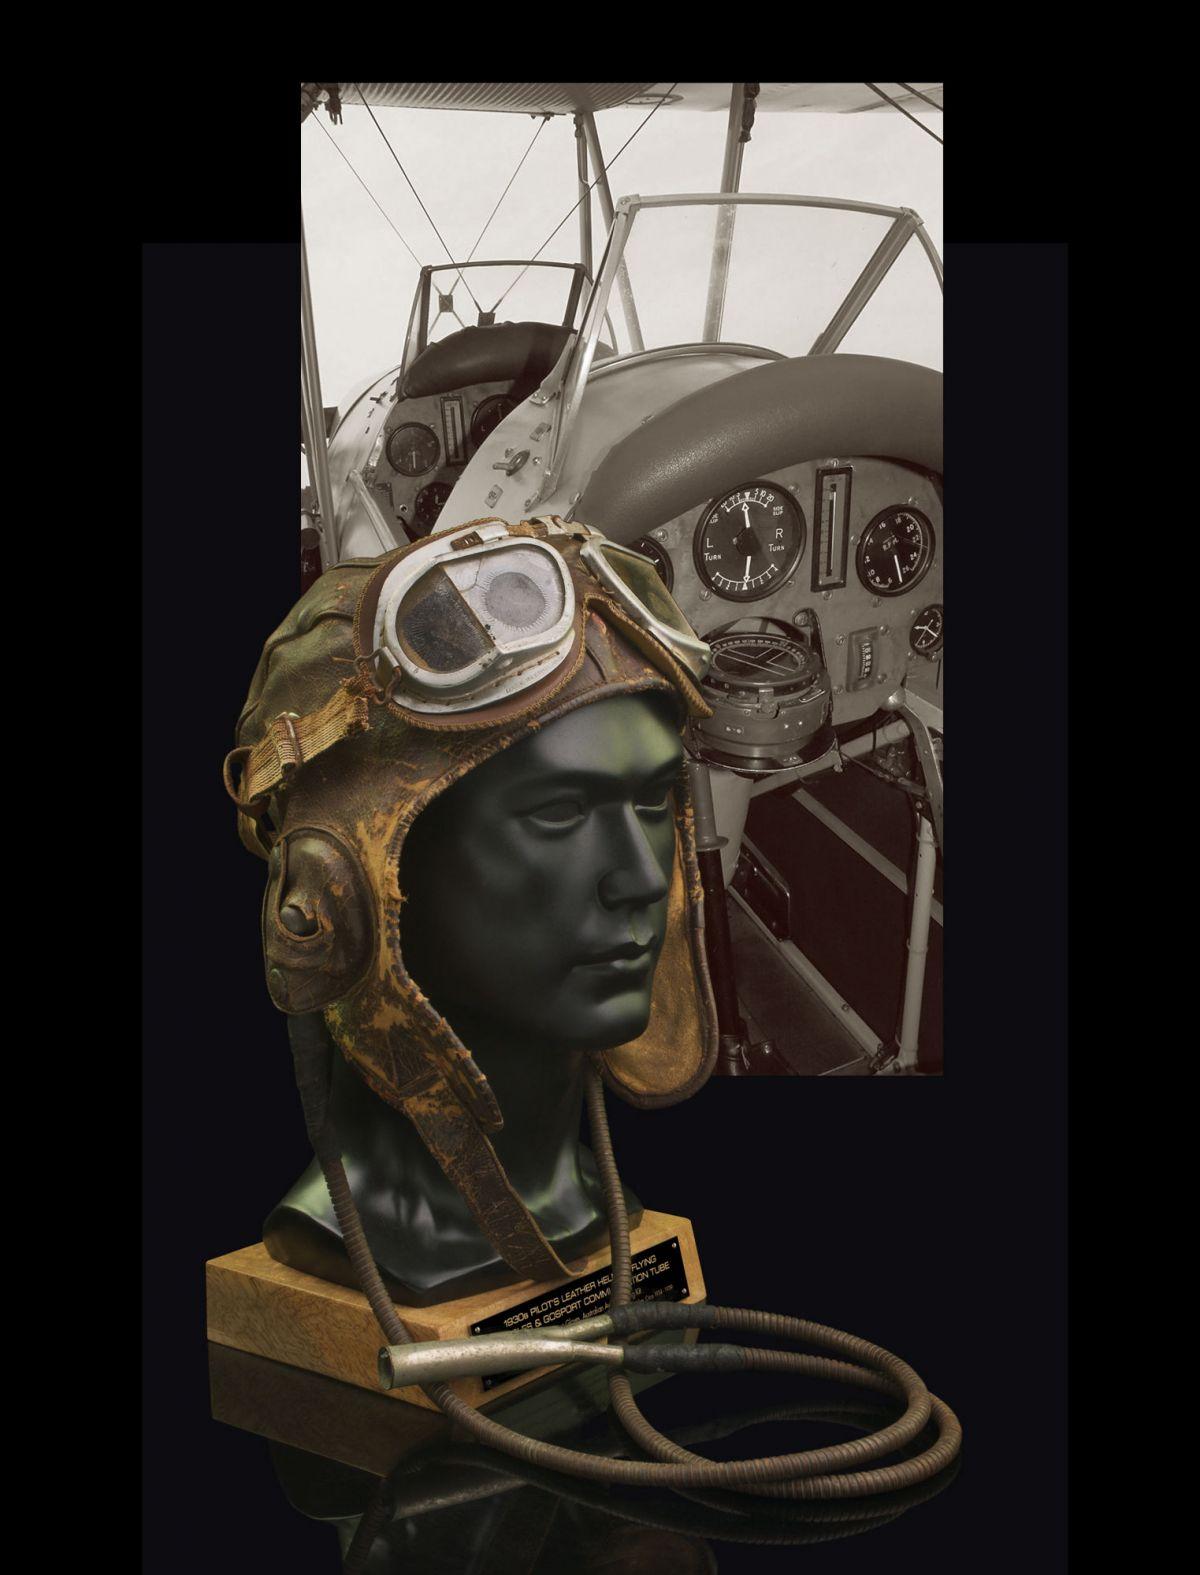 1930s RAAF FLYING HELMET, GOGGLES & GOSPORT TUBE COMMUNICATOR